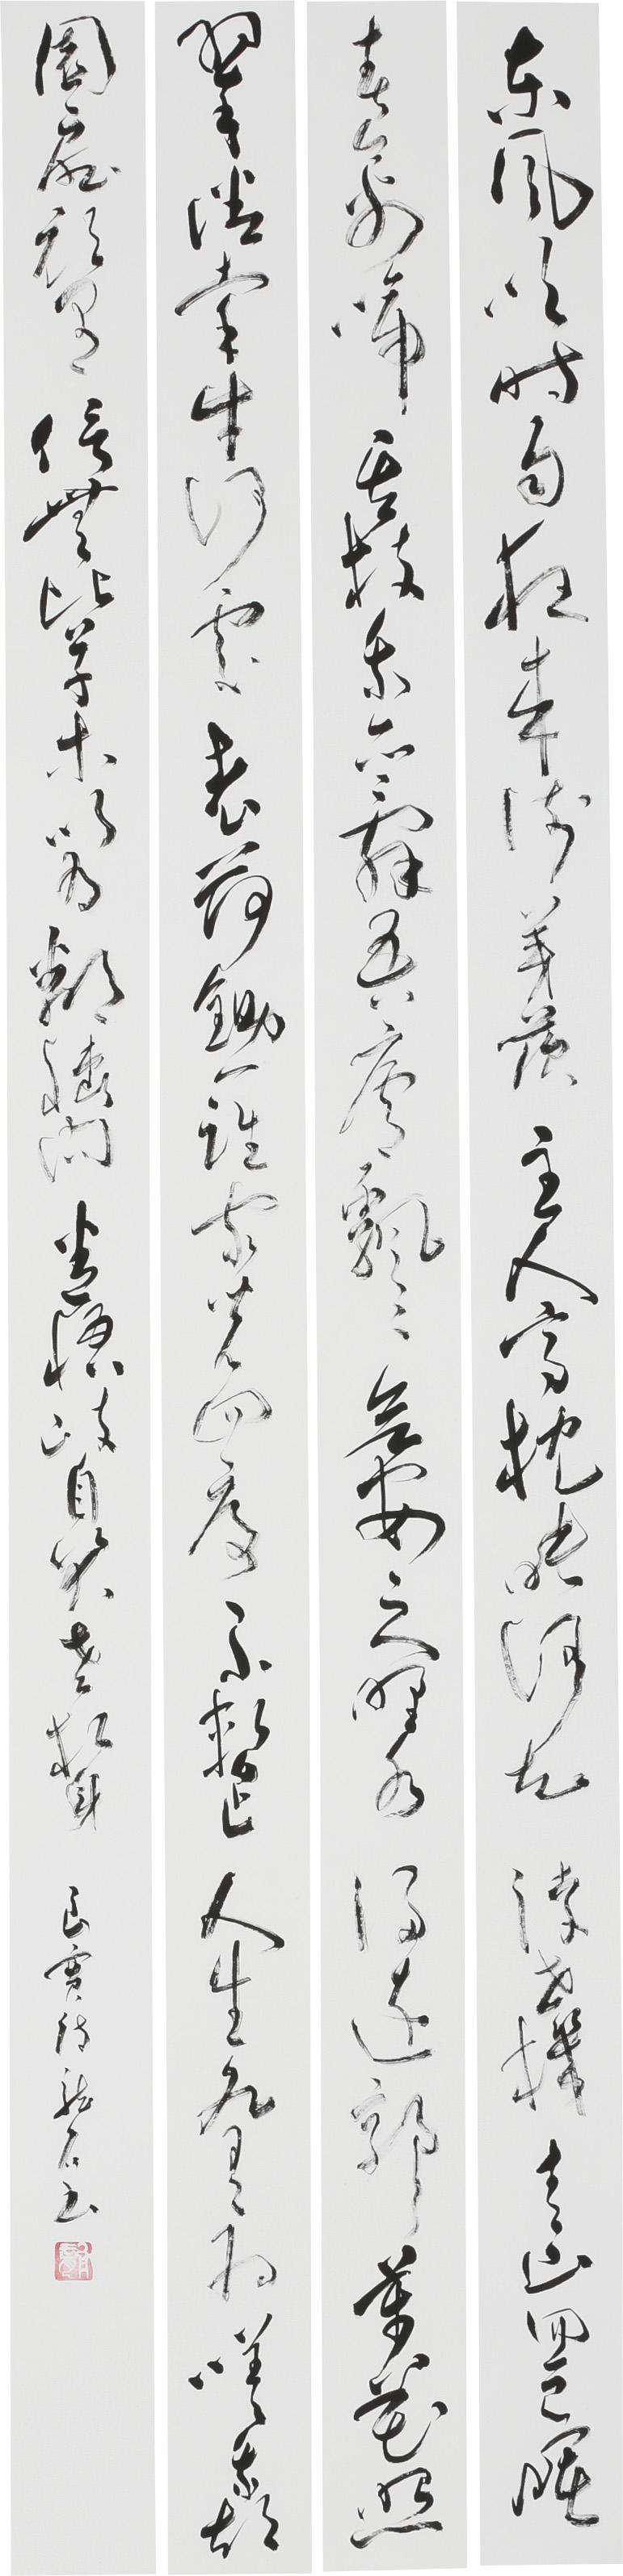 第33回産経国際書展出品作品「良寛 東風吹時雨...」(縦240×横60センチ)